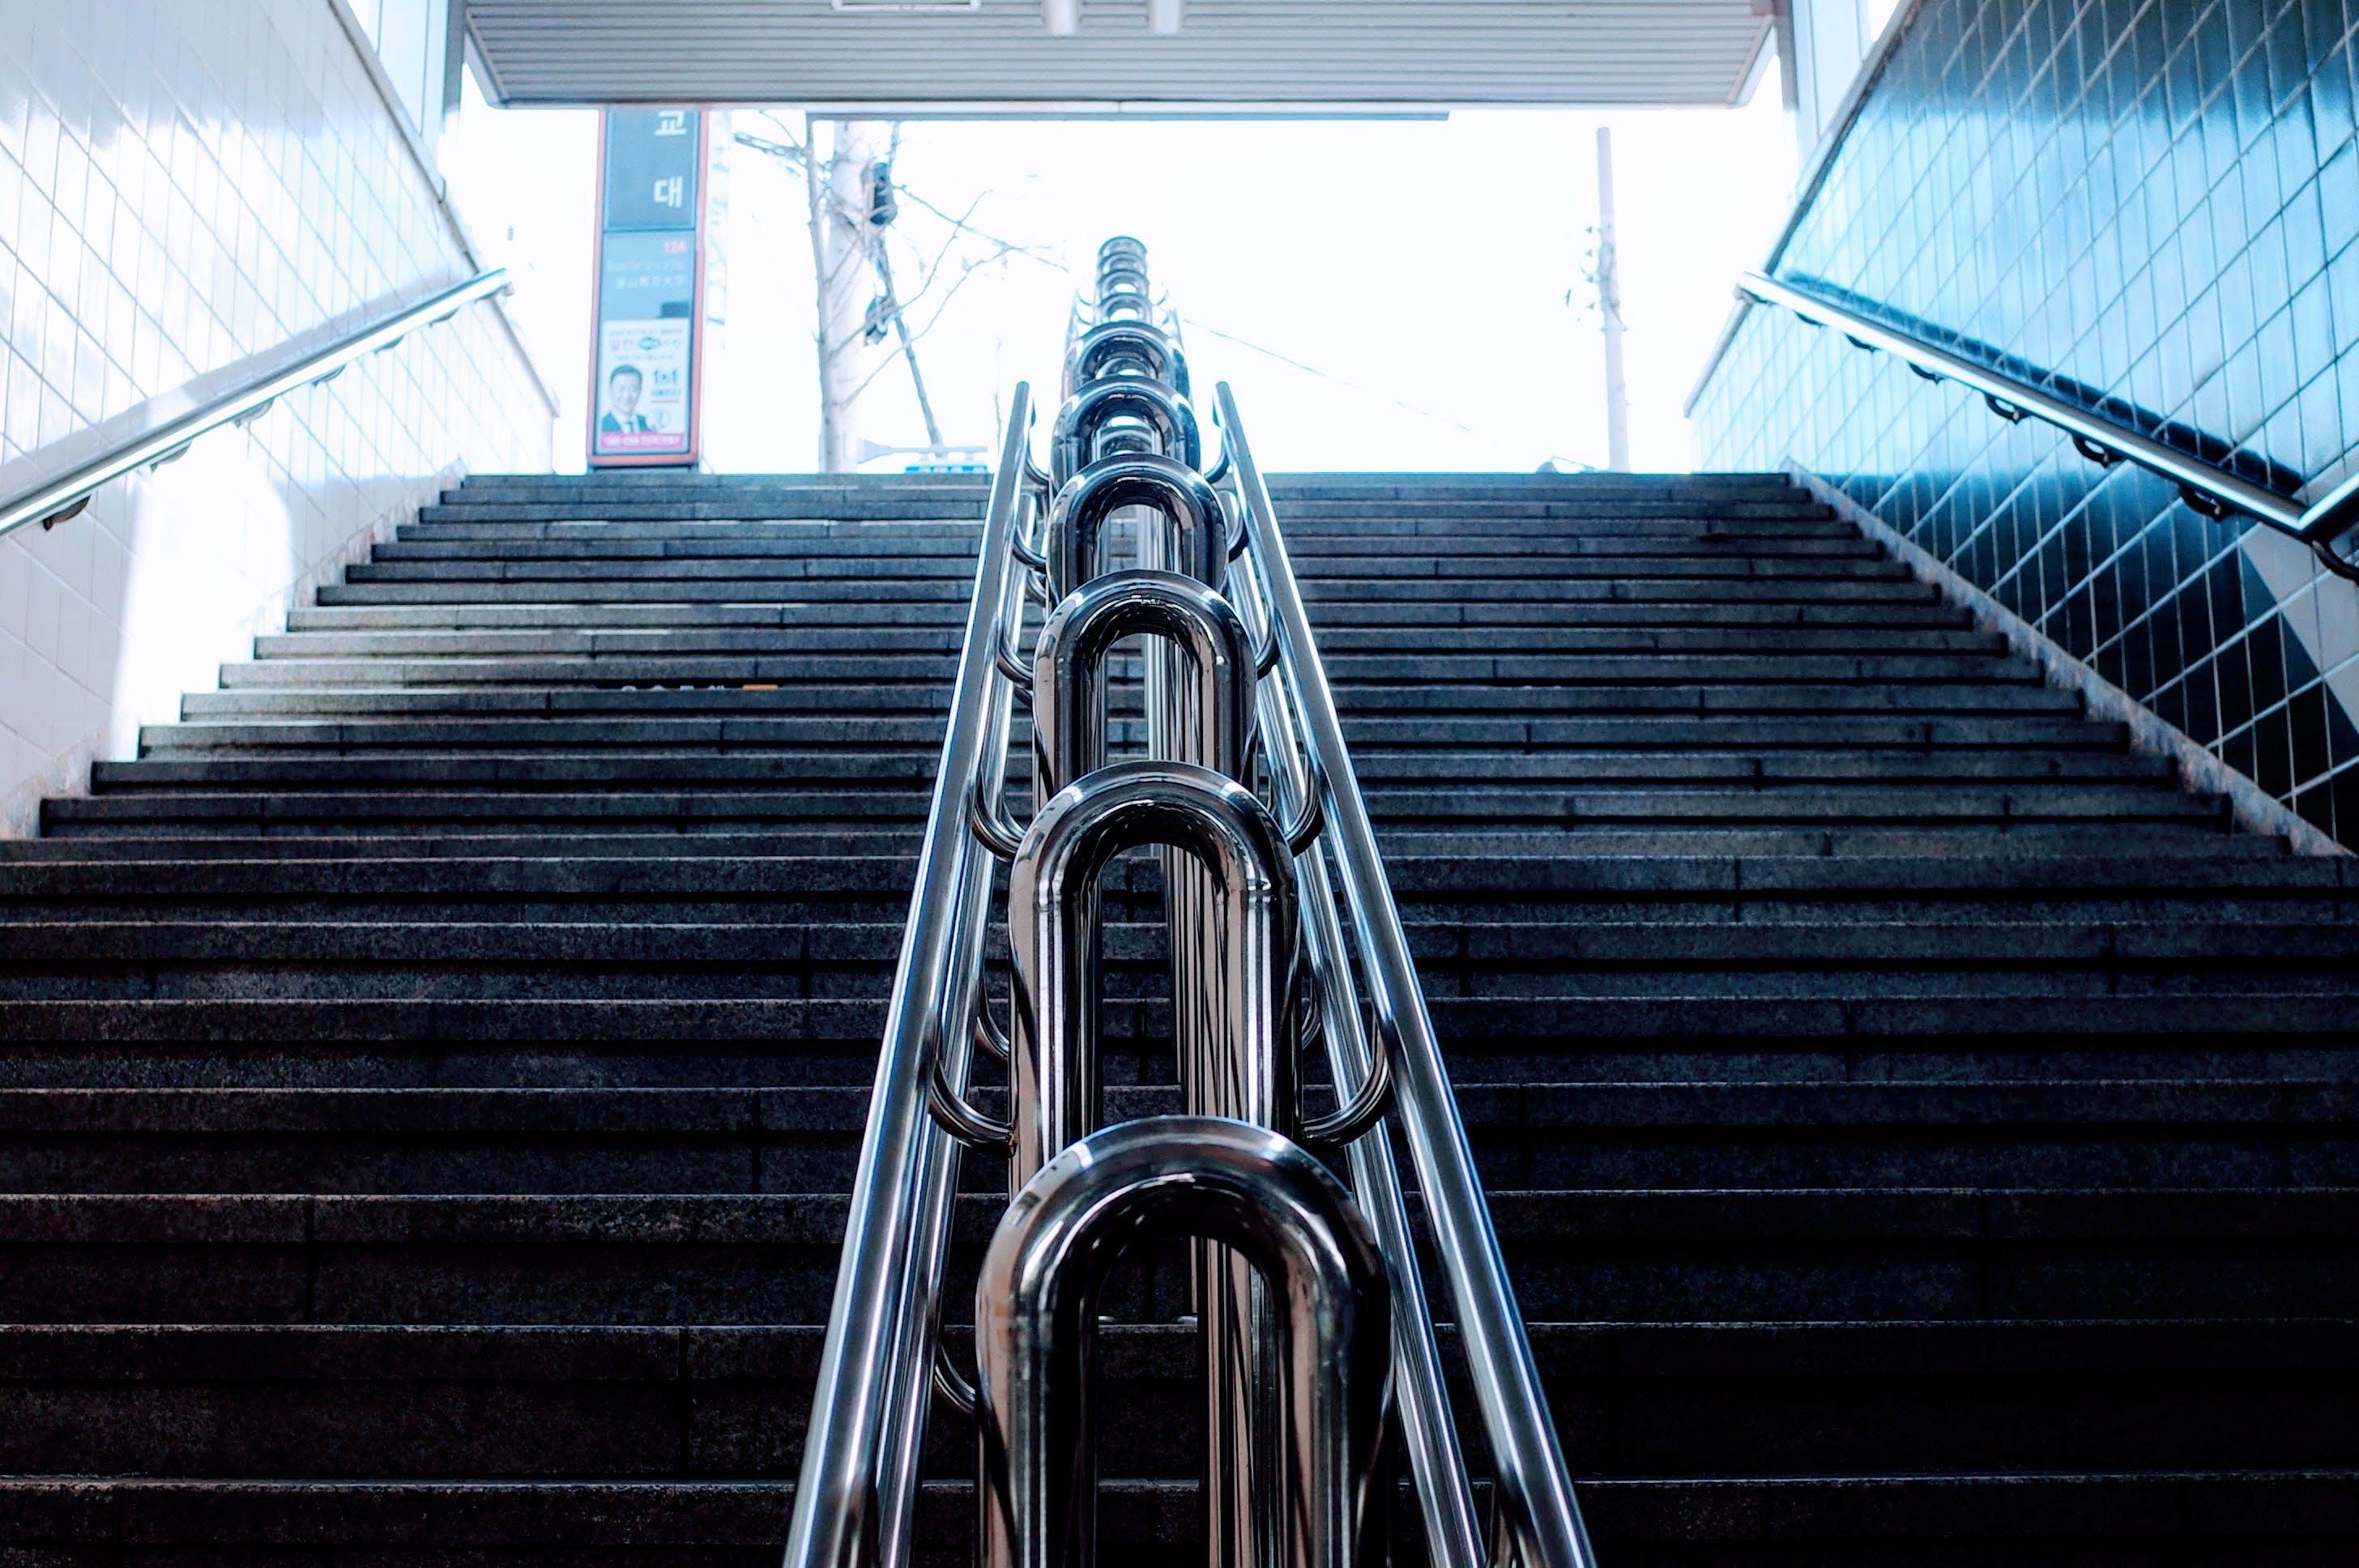 Kostenloses Stock Foto zu architektur, aufnahme von unten, balustraden, perspektive